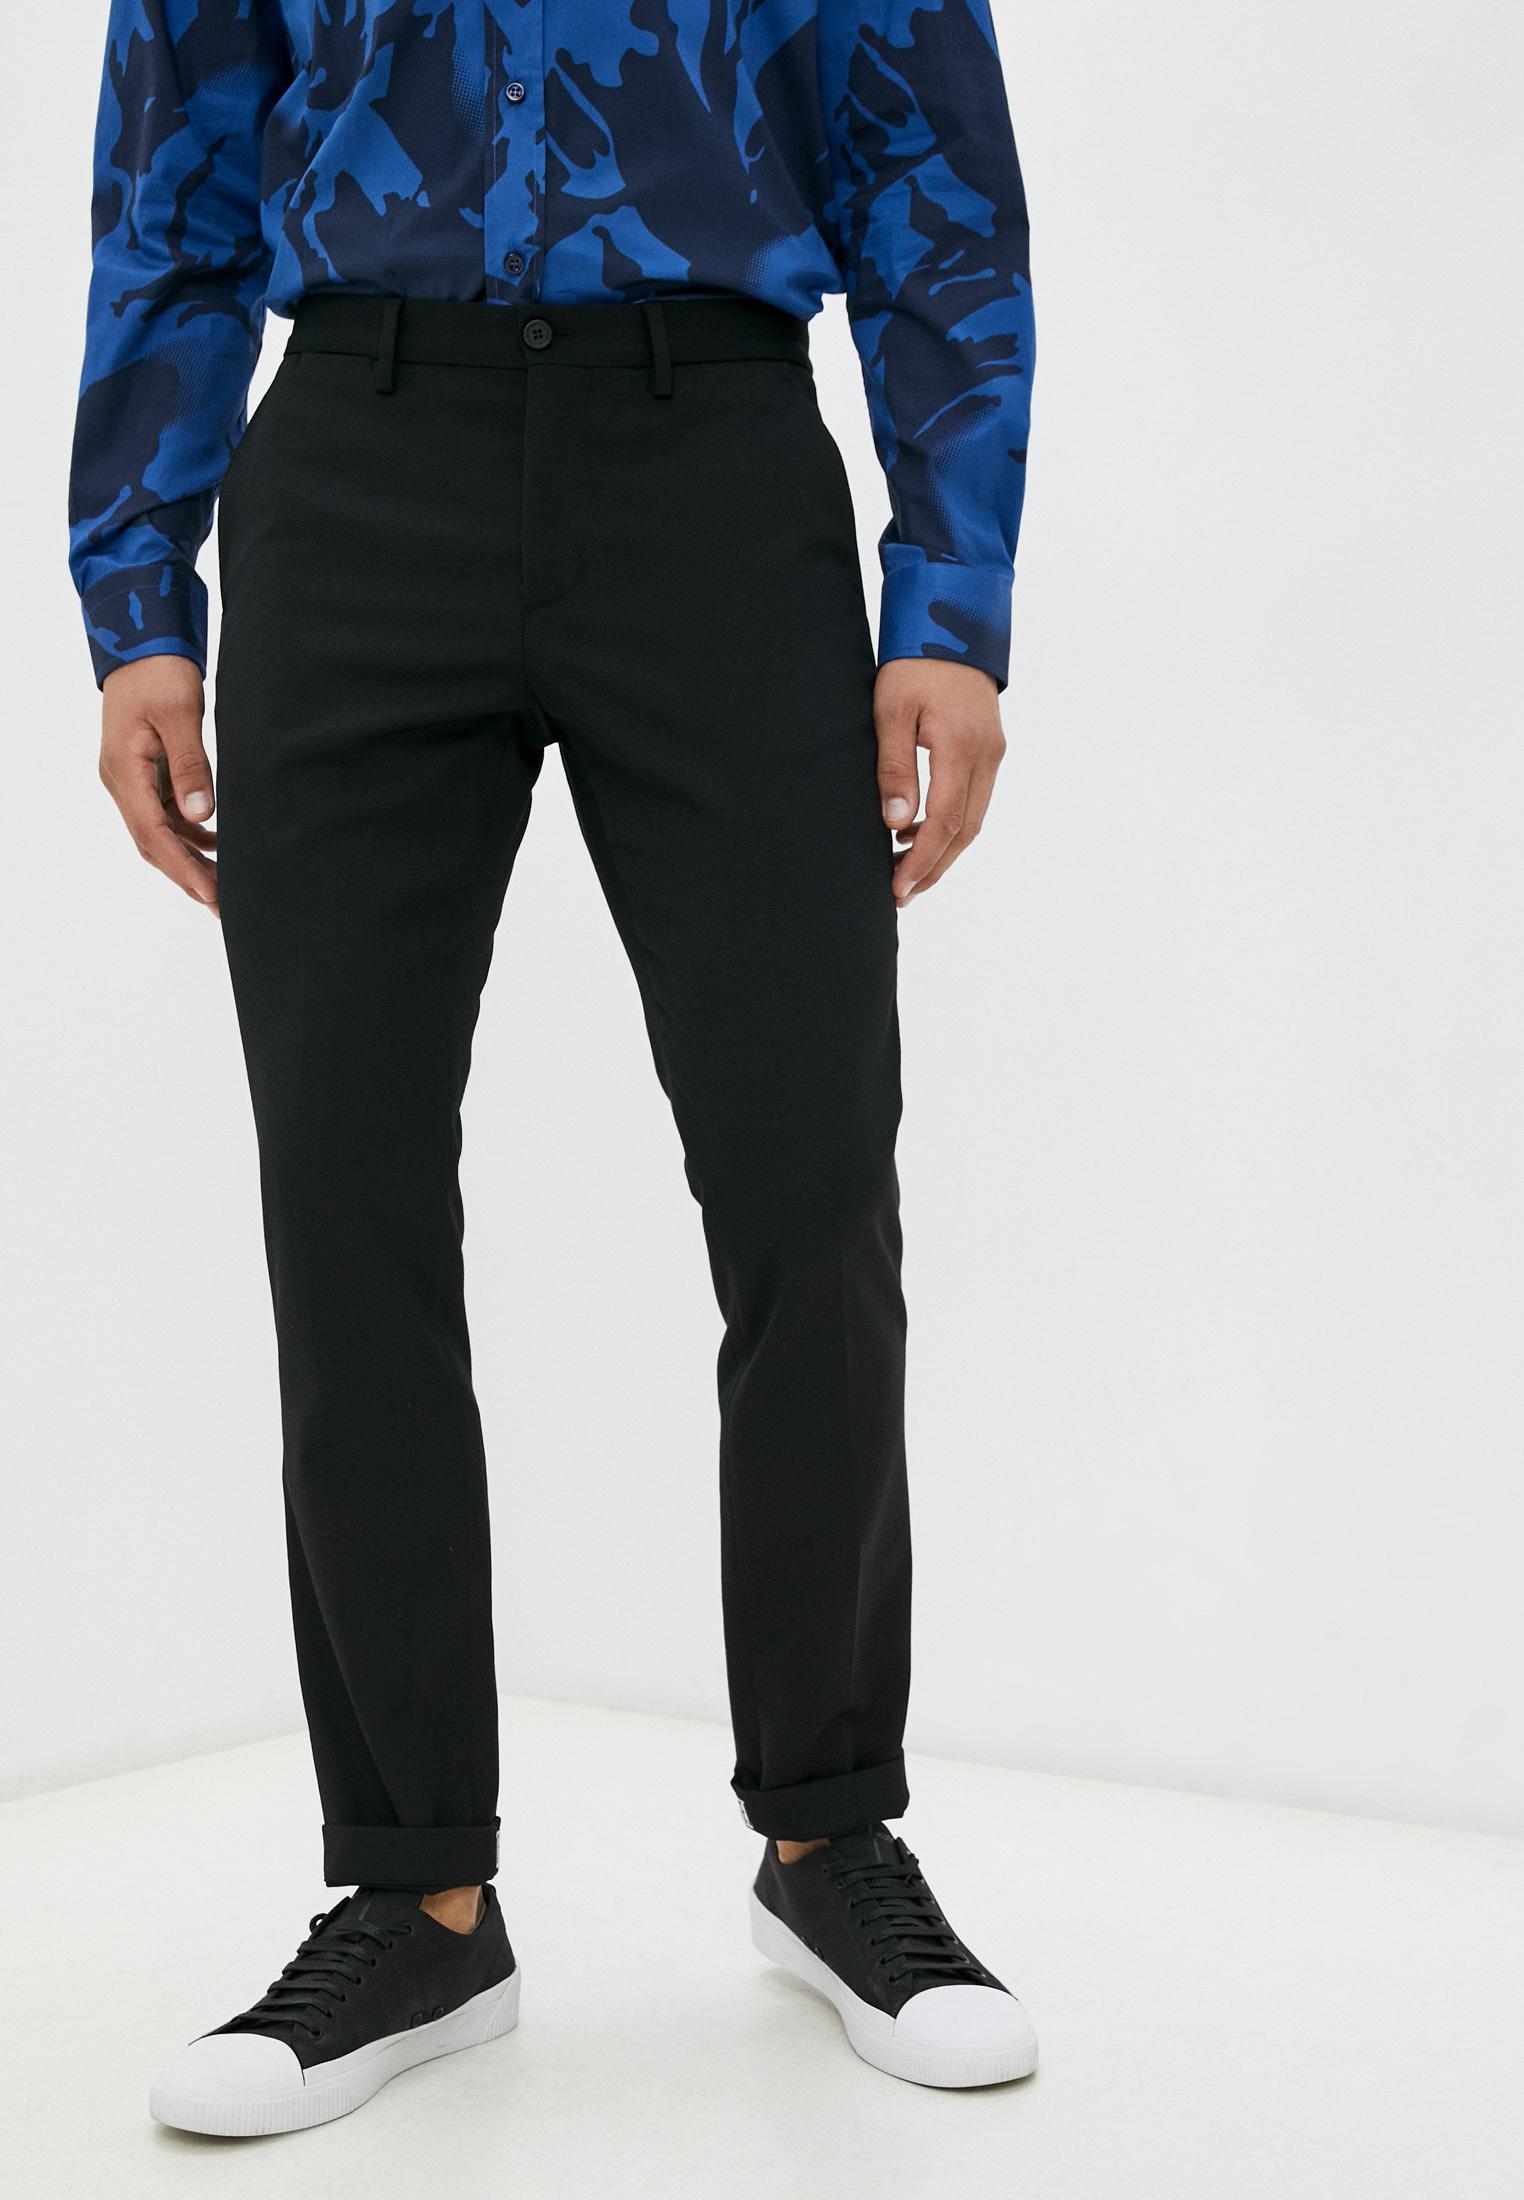 Мужские брюки Bikkembergs (Биккембергс) C P 001 00 S 3331